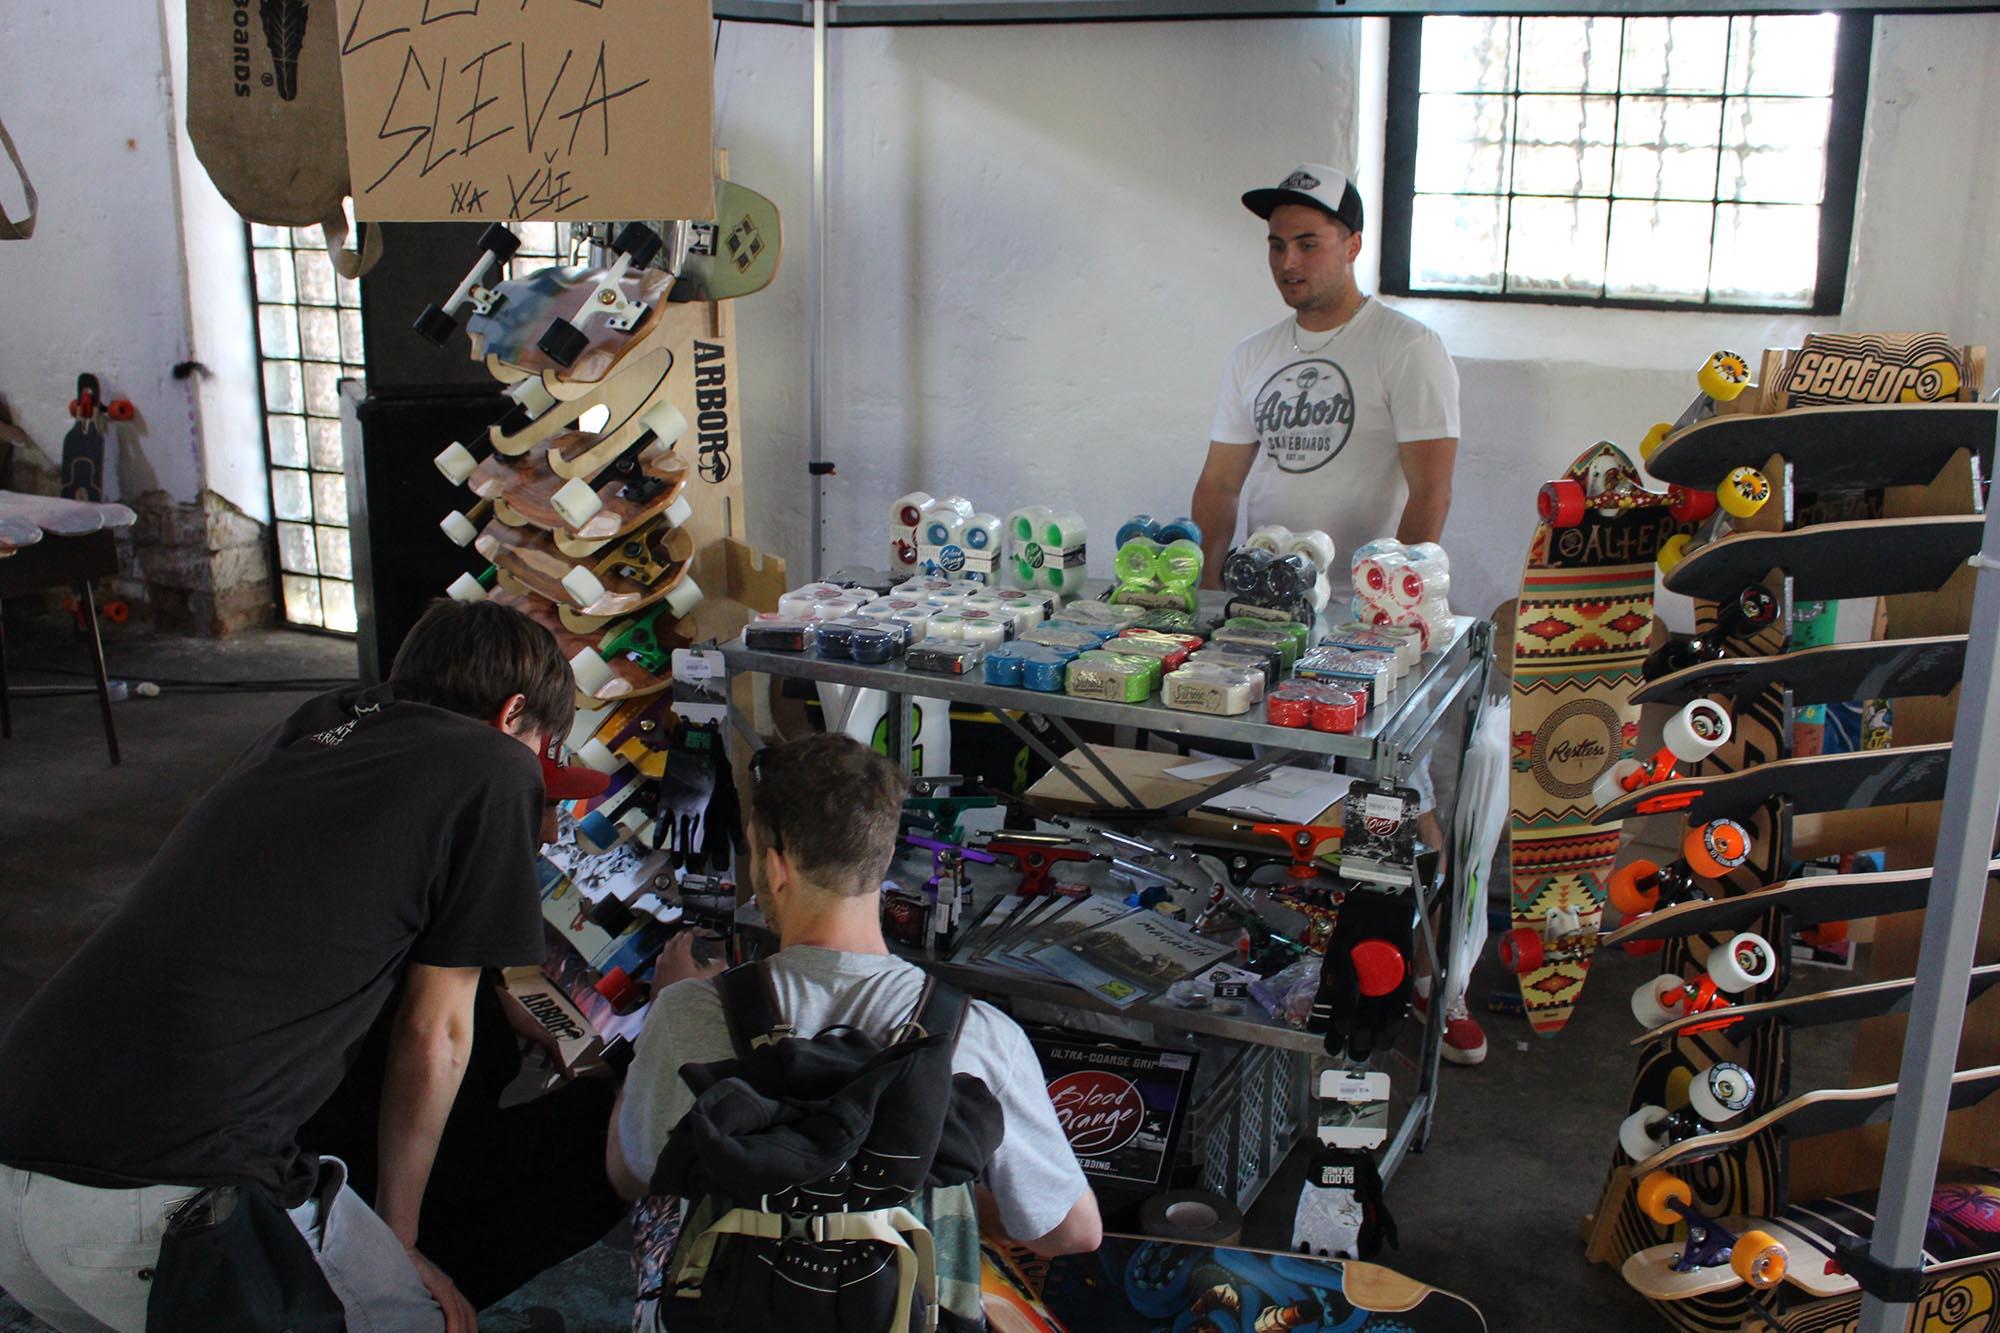 bf25aff9045 Fotogalerie k článku Longboard Salon 2016. Fotogalerie k článku Longboard  Salon 2016